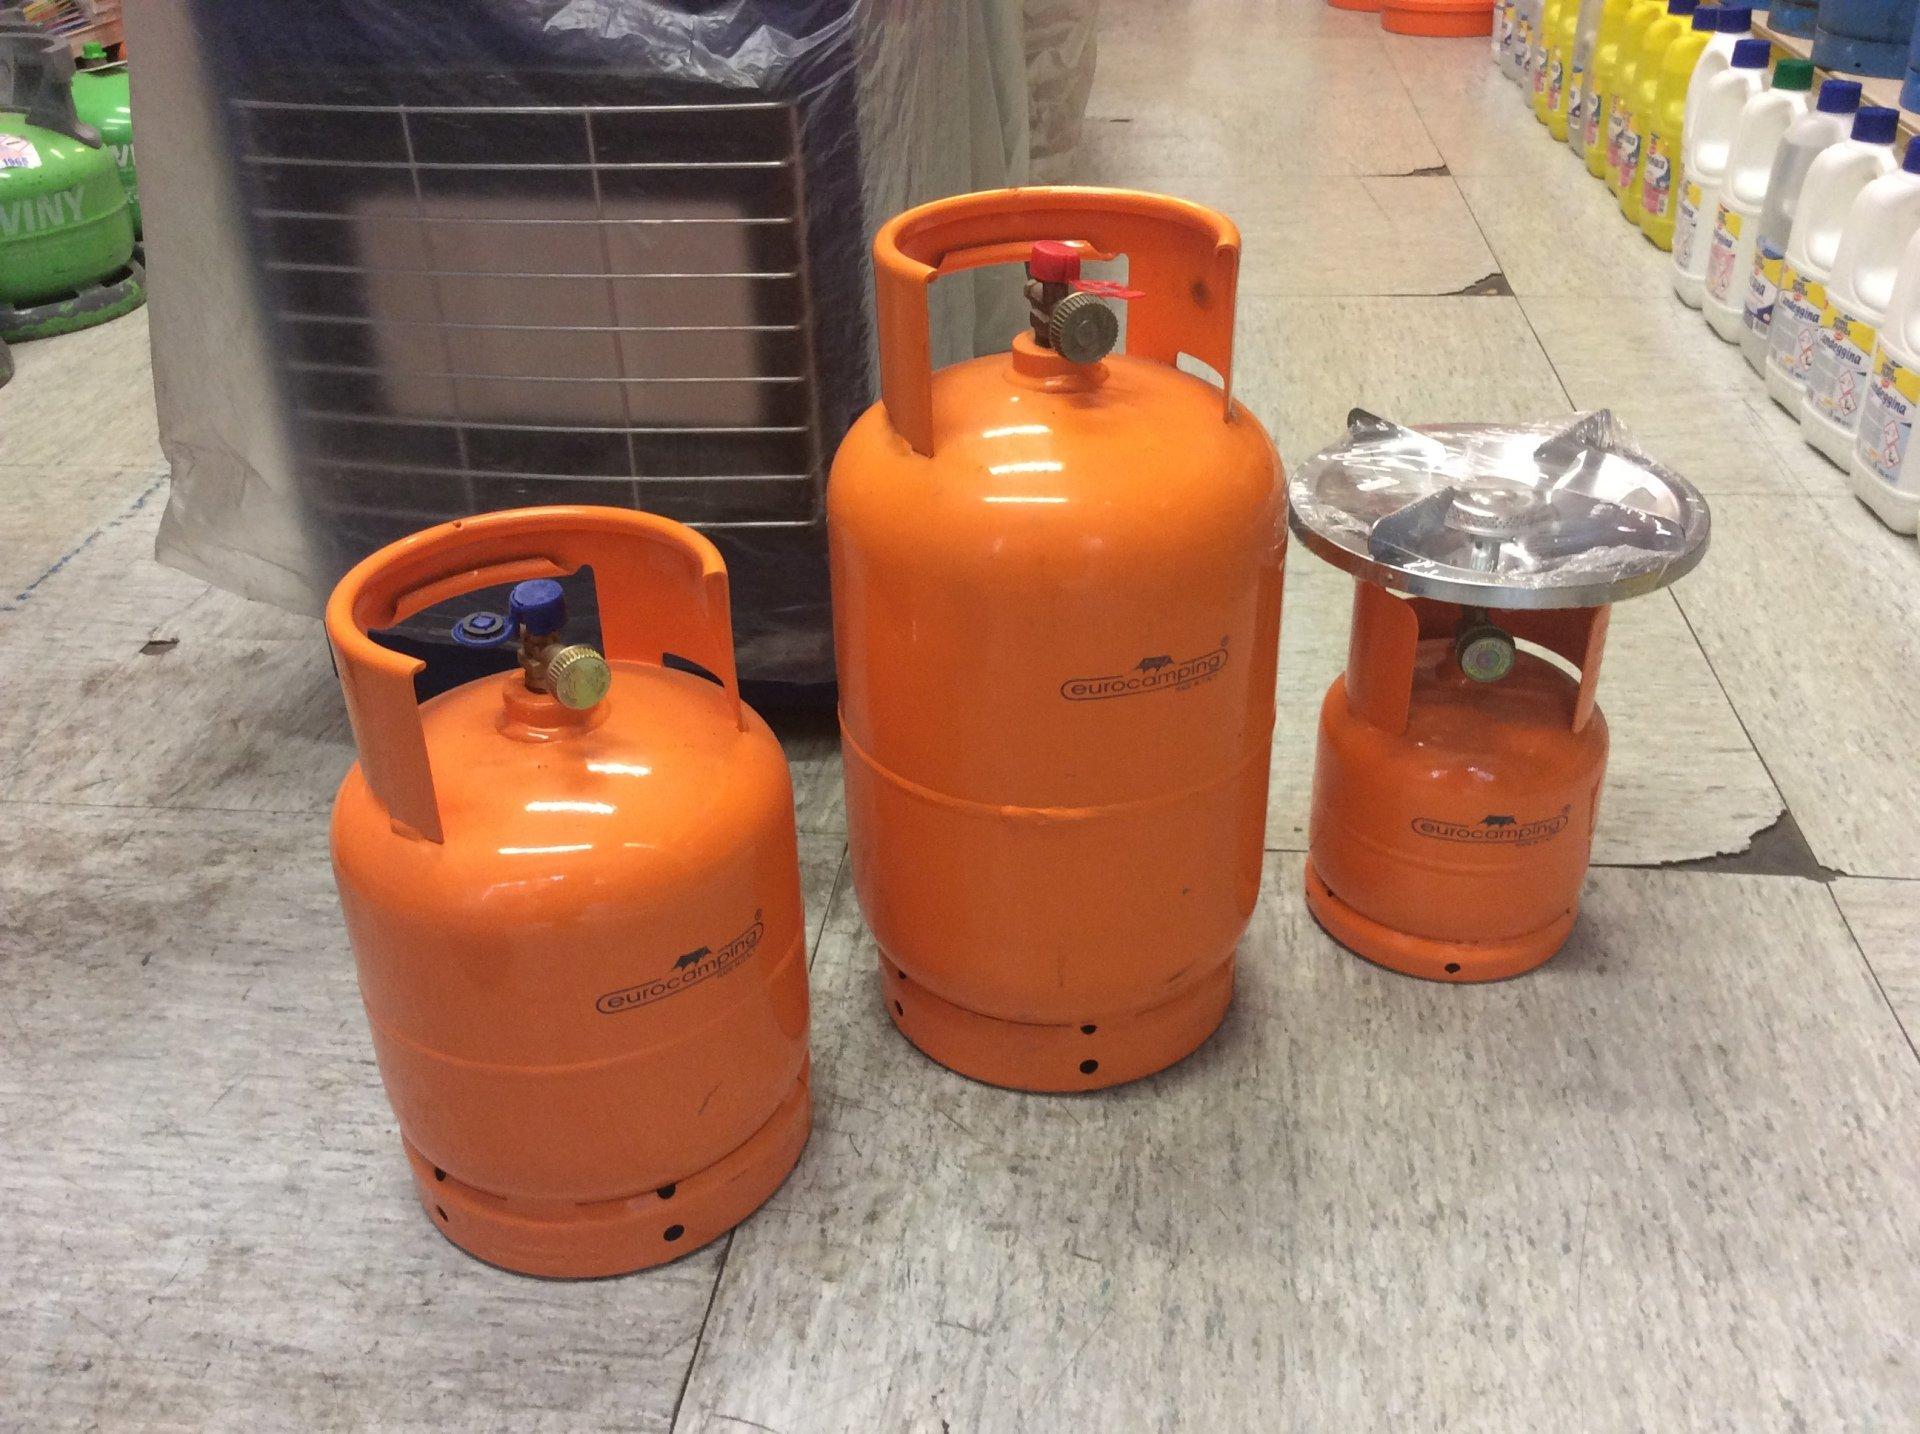 Armadietti per bombole gas armadi di sicurezza per bombole gas logismarket cerchi box da - Bombola gas cucina prezzo ...